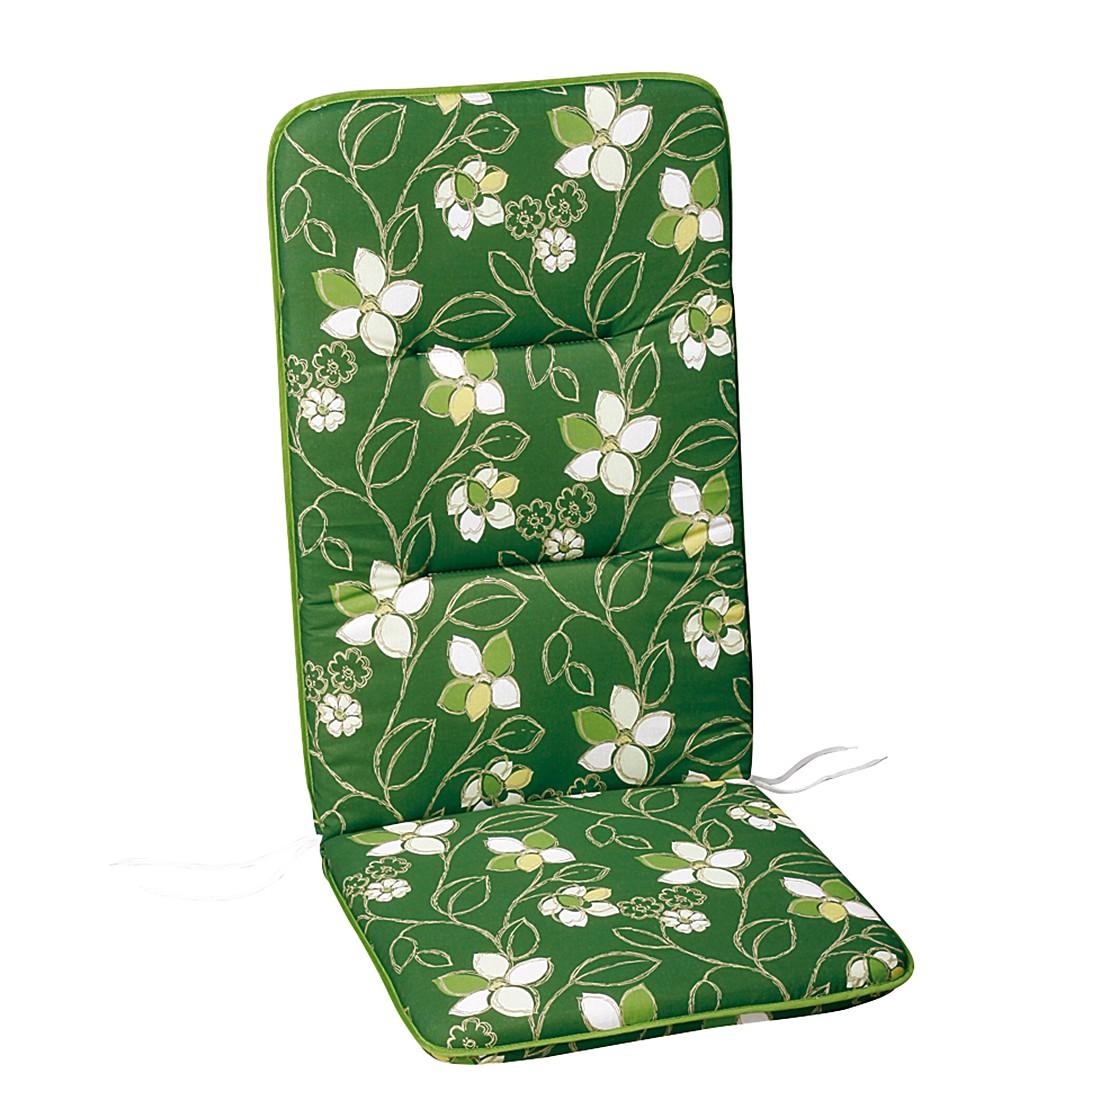 Polsterauflage Akelai - Floral gemustert - Grün - Hochlehner - 120 x 50 cm, Best Freizeitmöbel